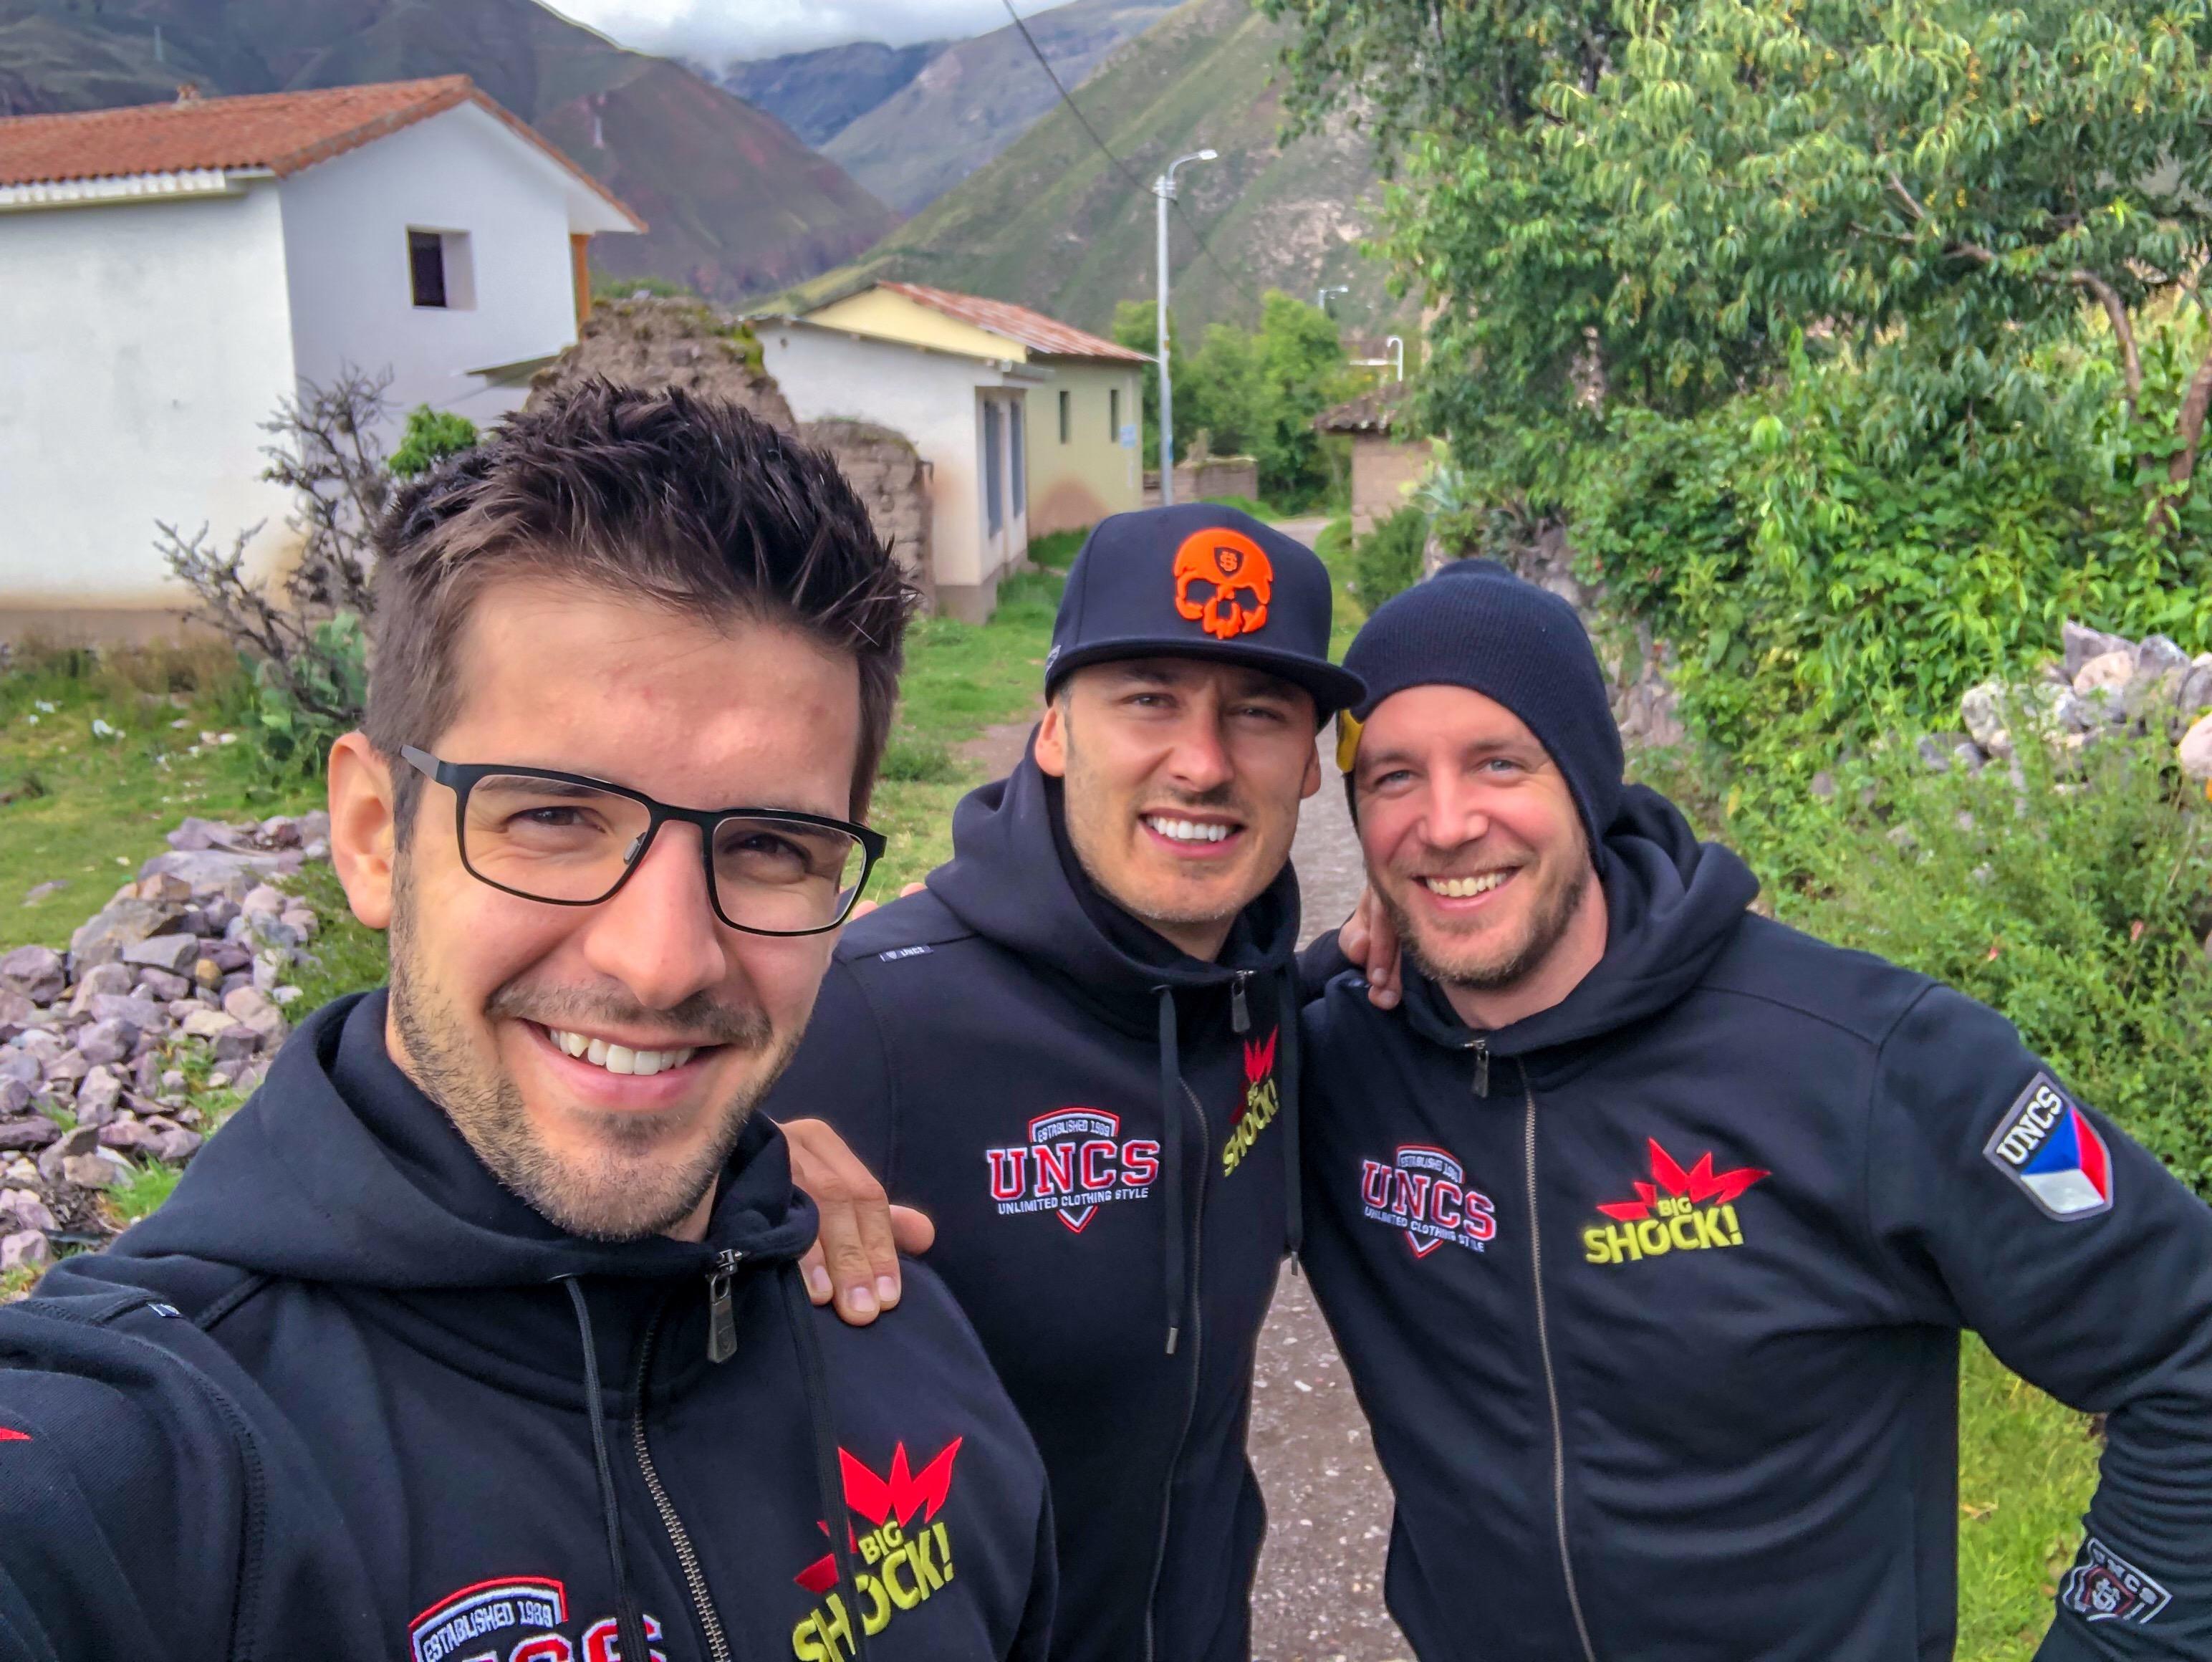 Big Shock Racing vyzvedl závodní stroje a před startem Dakaru panuje v týmu dobrá nálada